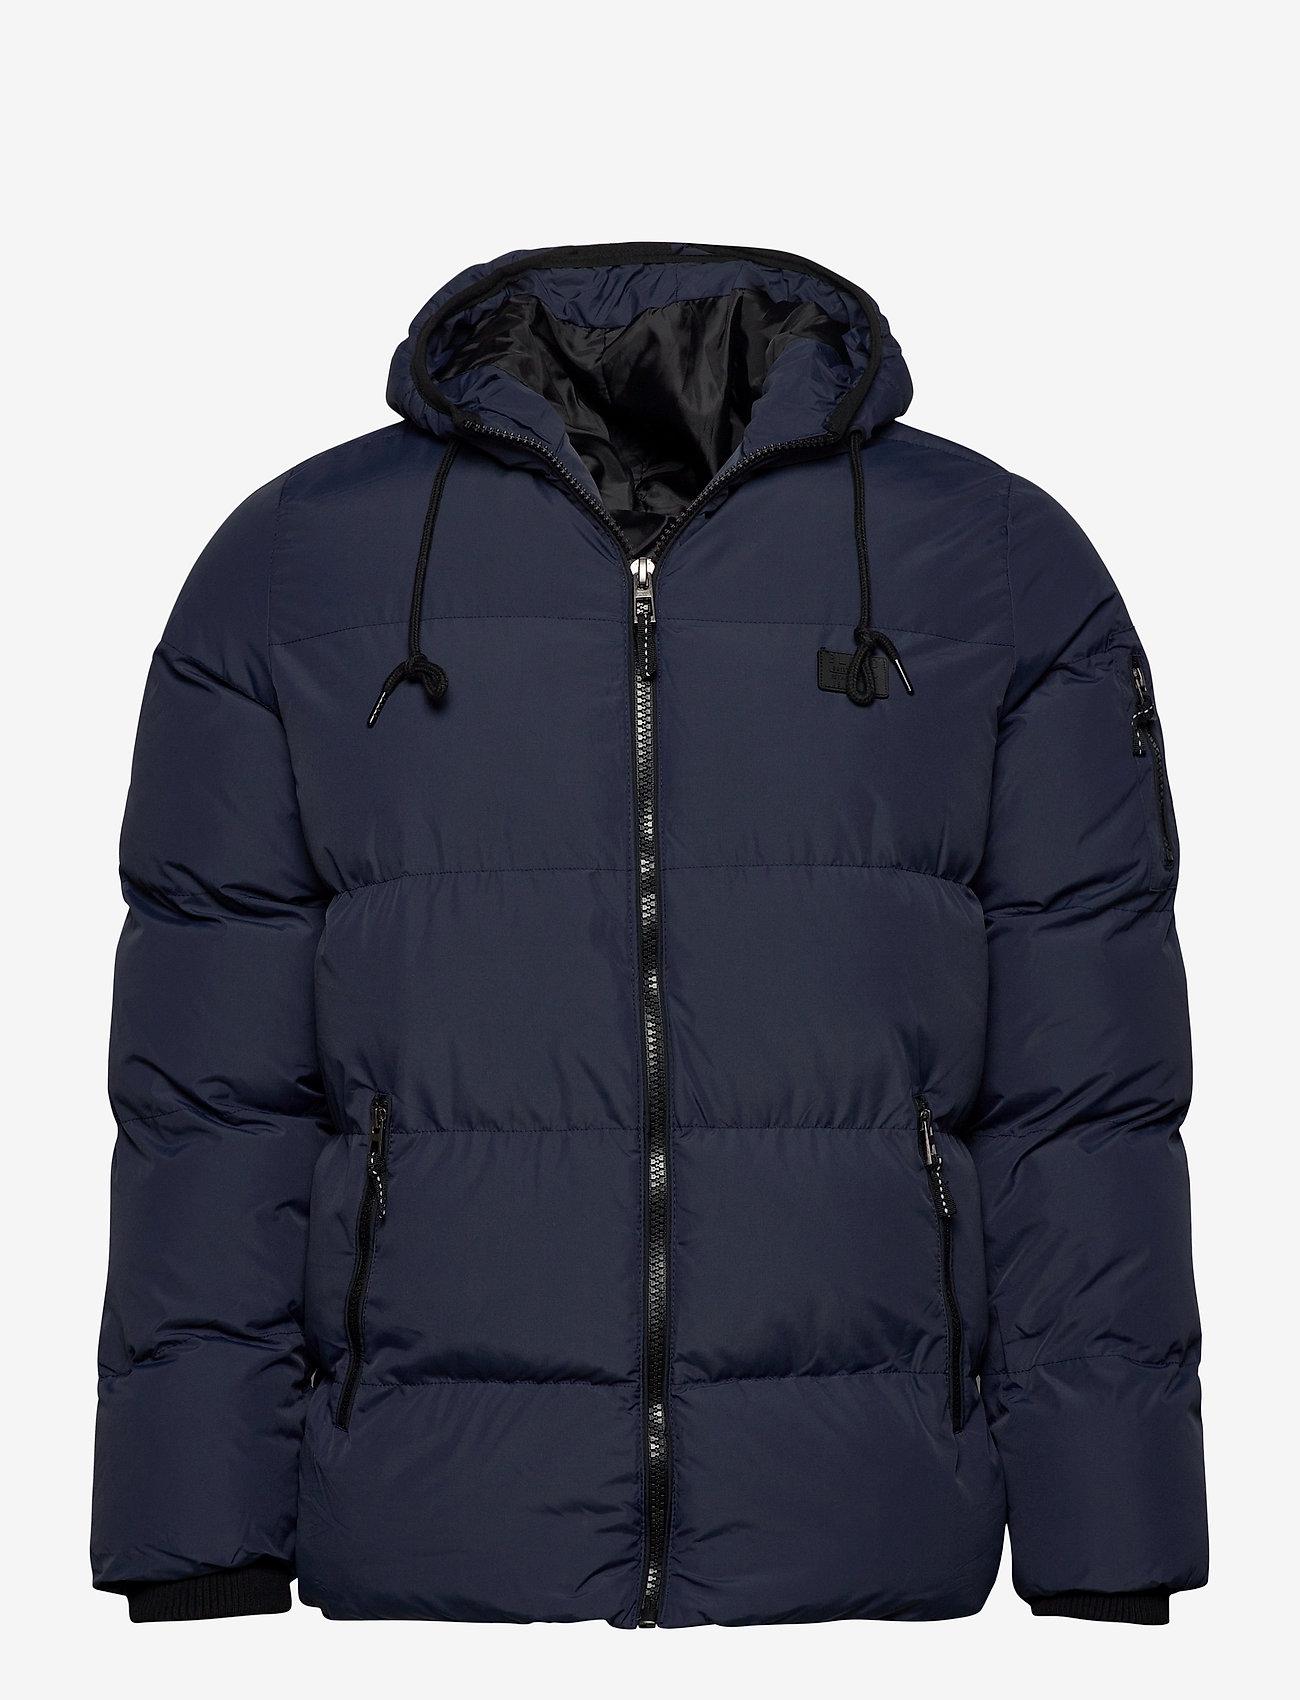 Blend - Outerwear - donsjassen - dark navy - 0